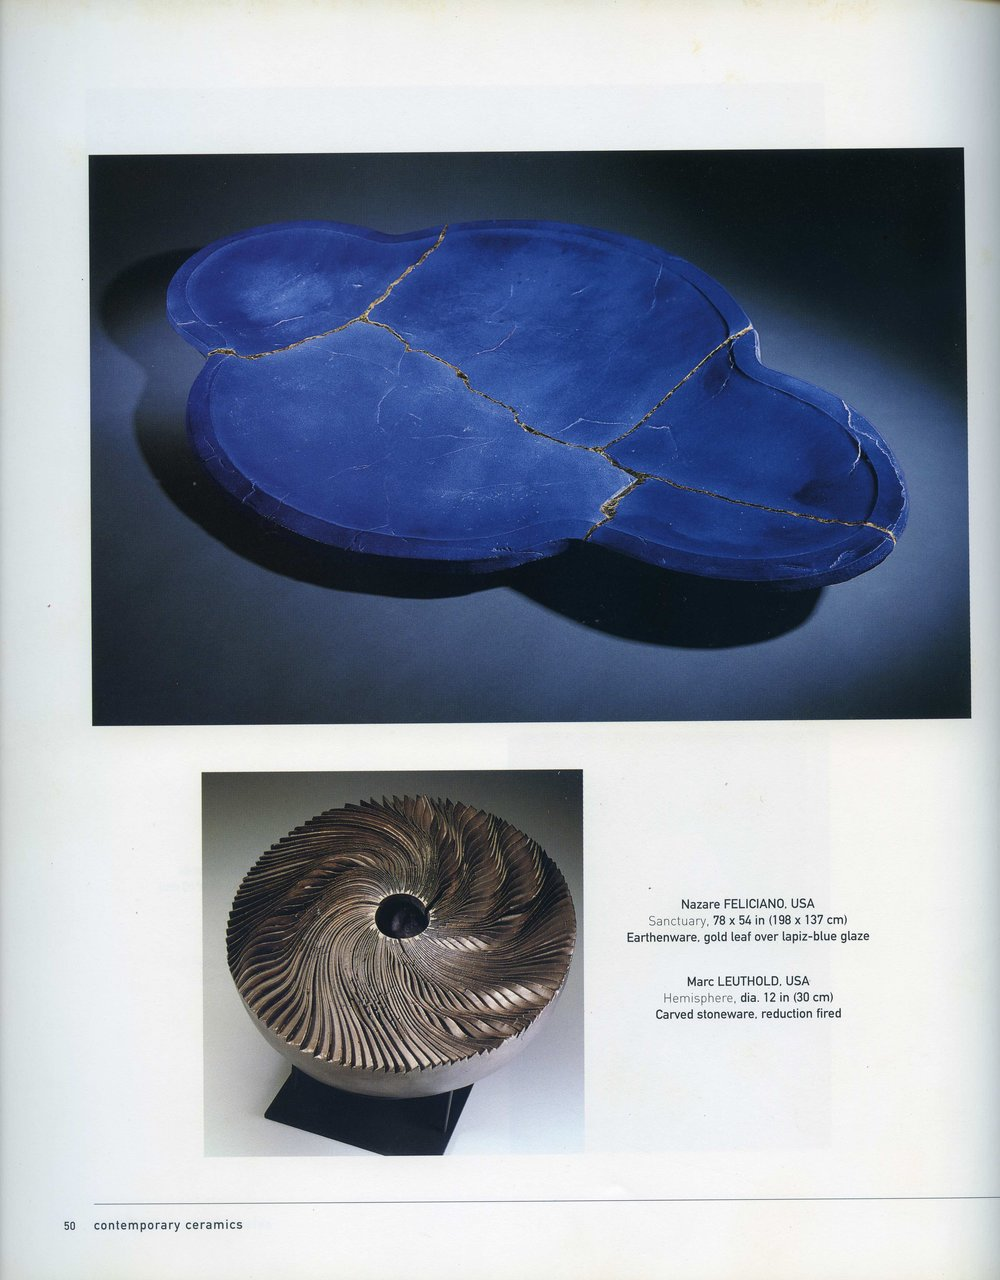 Contemporary Ceramics, 2000